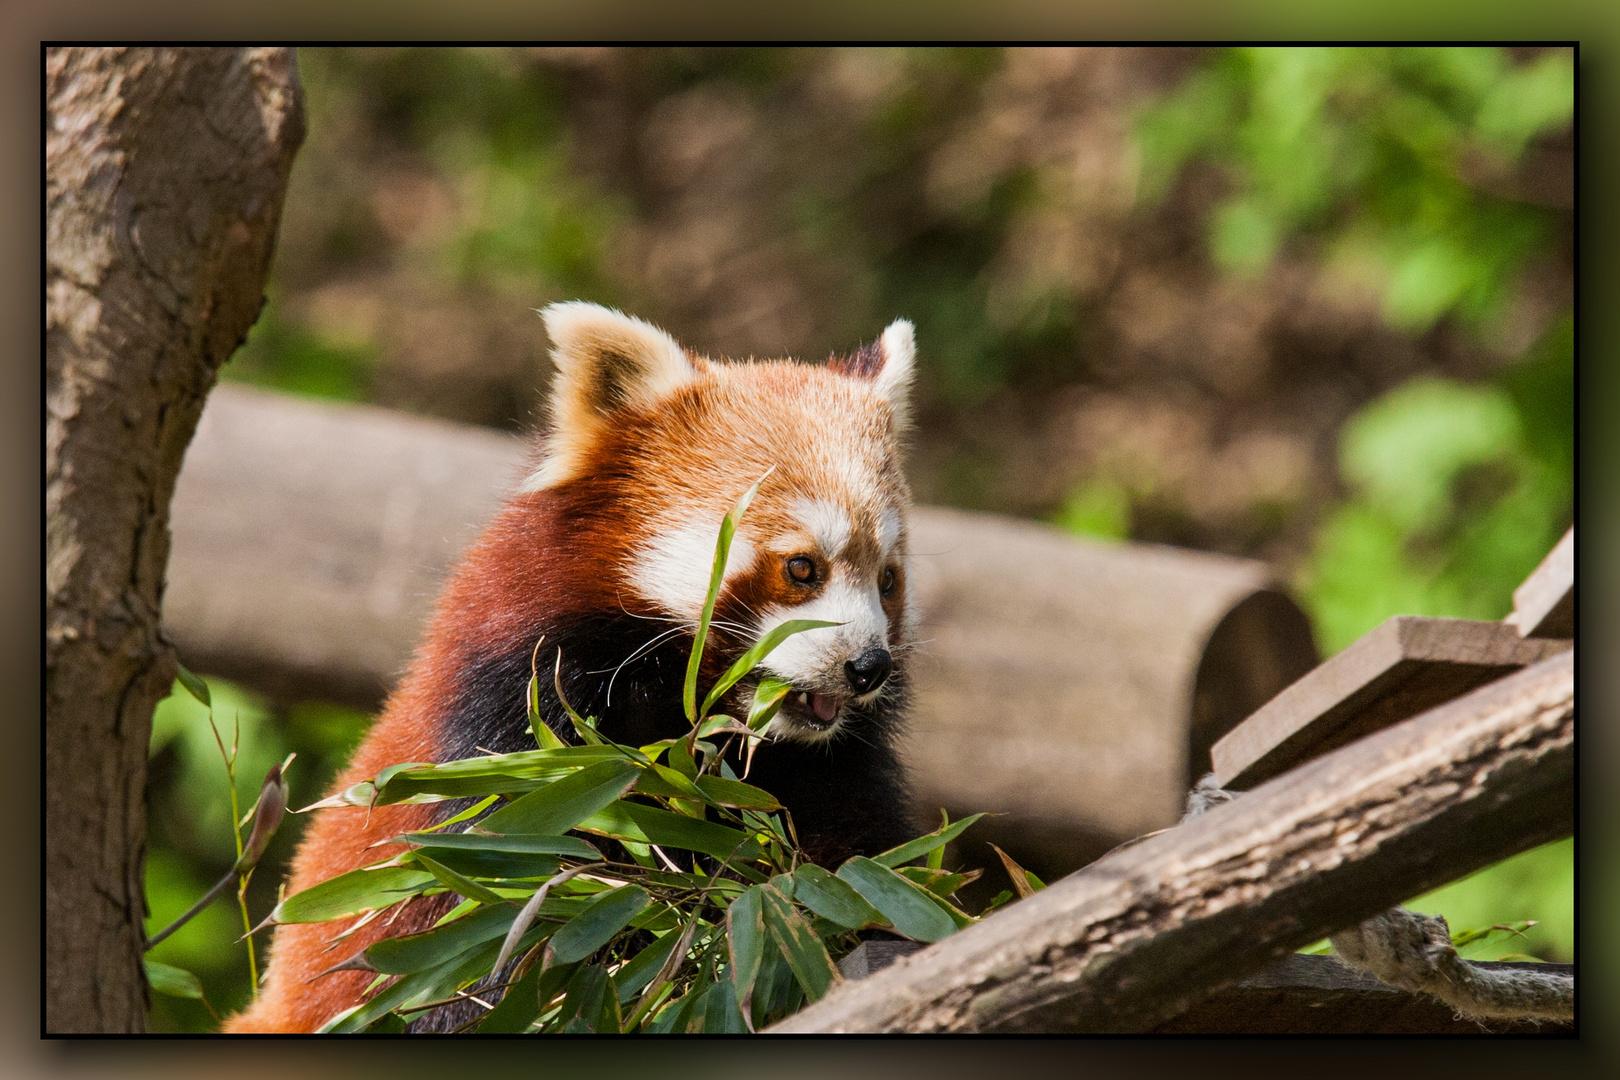 kleiner panda oder katzenb r foto bild haus und zoo tiere natur zoom bilder auf fotocommunity. Black Bedroom Furniture Sets. Home Design Ideas